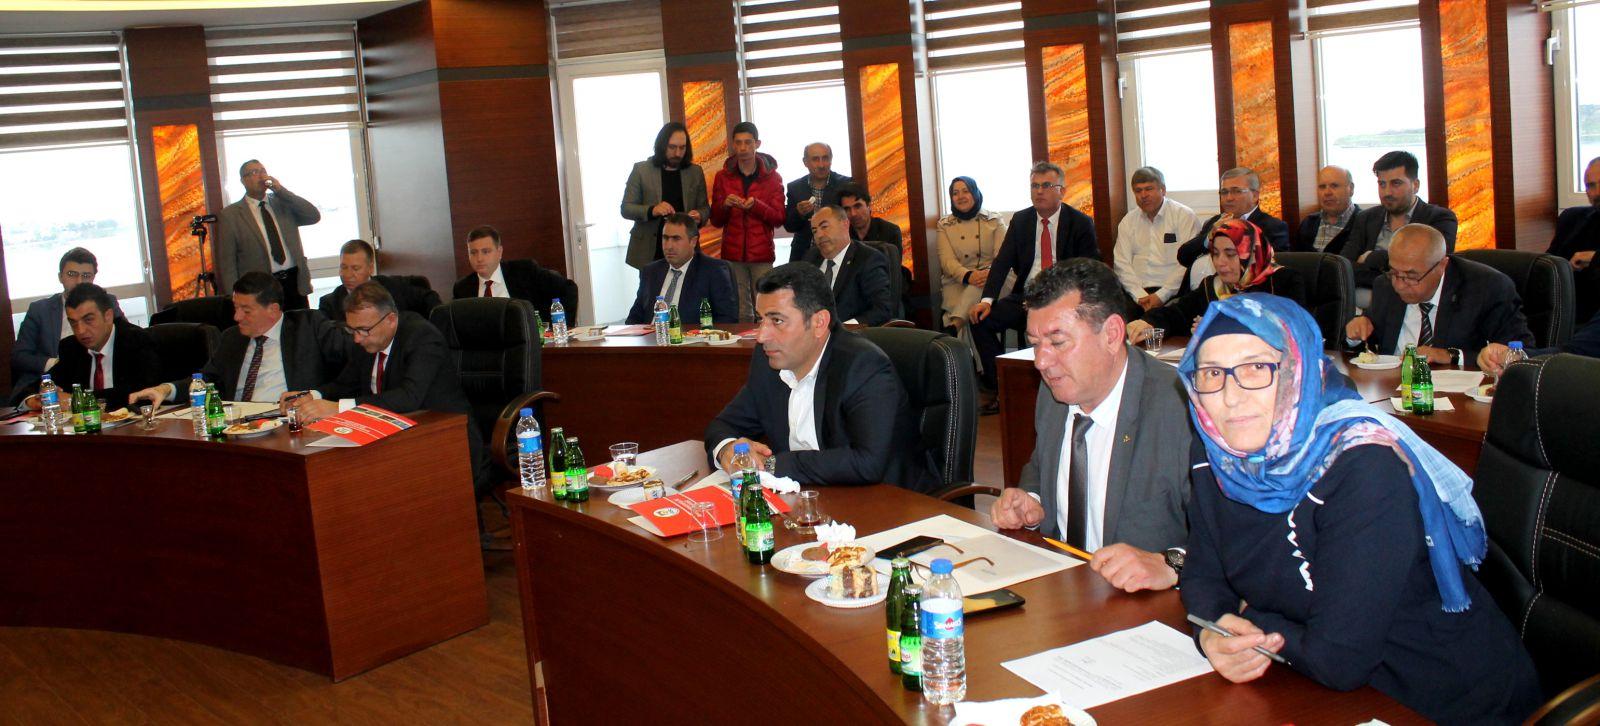 Marmara Ereğli Belediyesi Başkan Yardımcıları Belli oldu